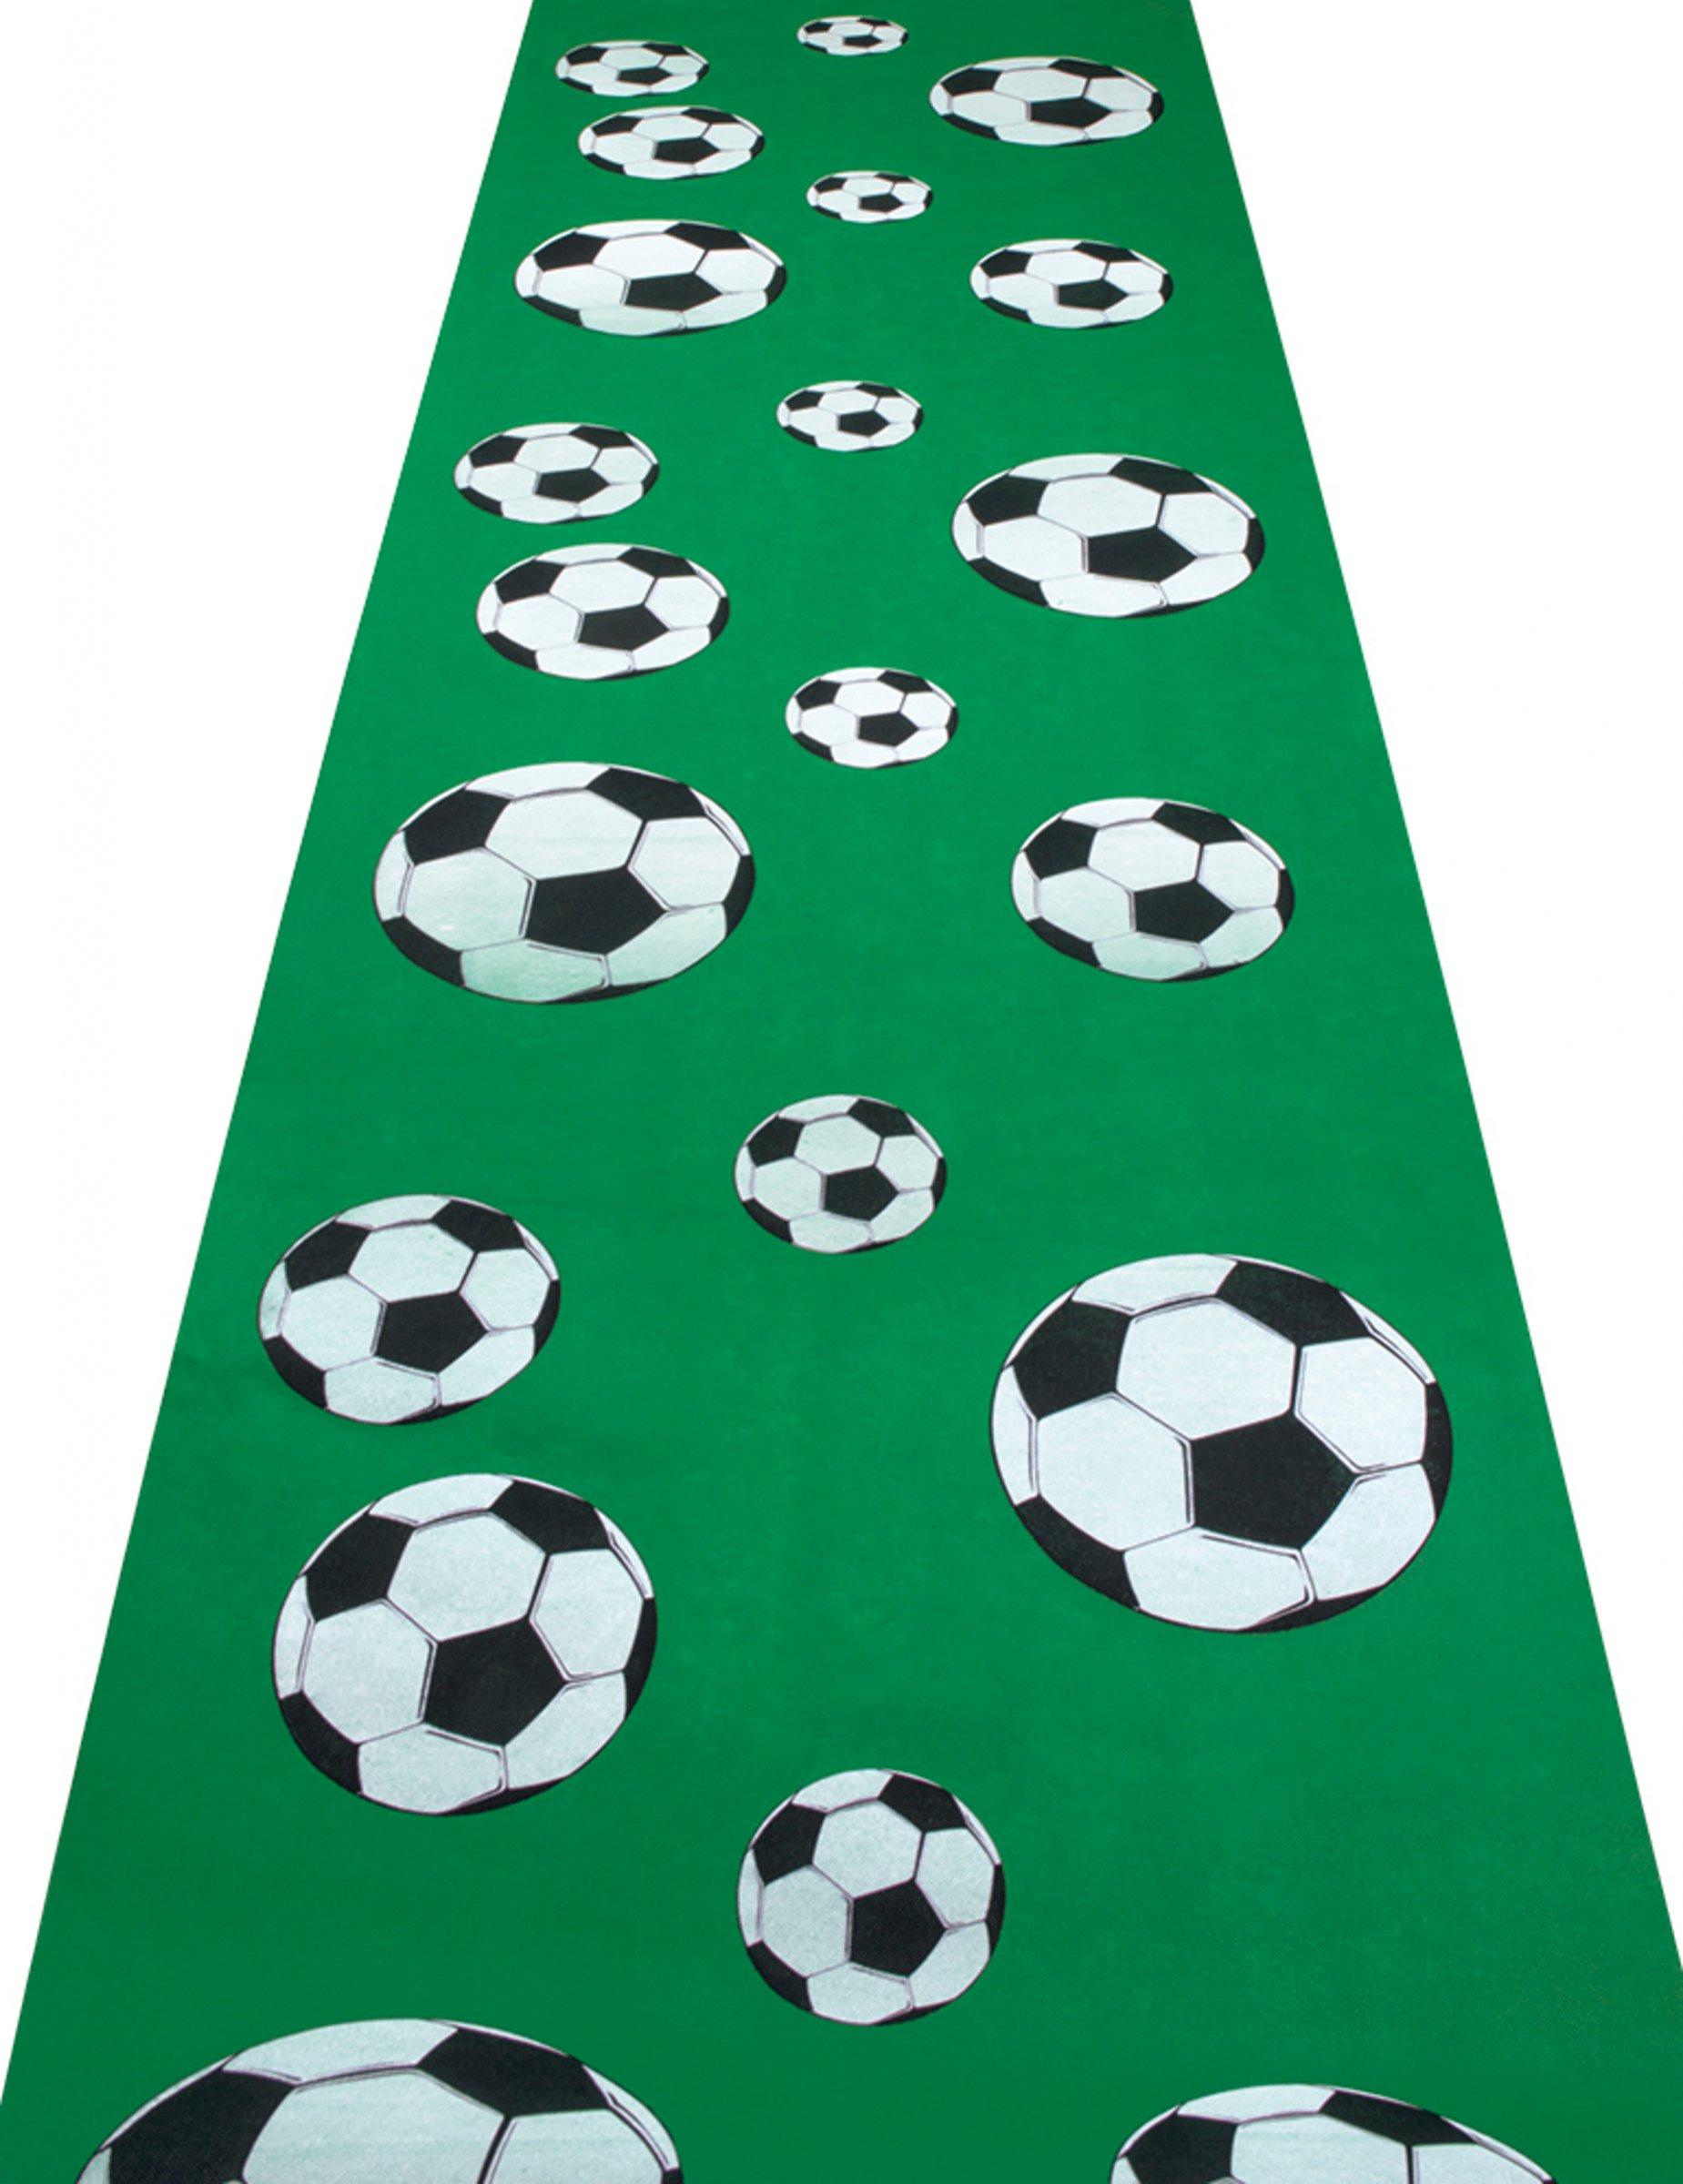 Ongebruikt Voetbal tapijt: Decoratie,en goedkope carnavalskleding - Vegaoo MU-46